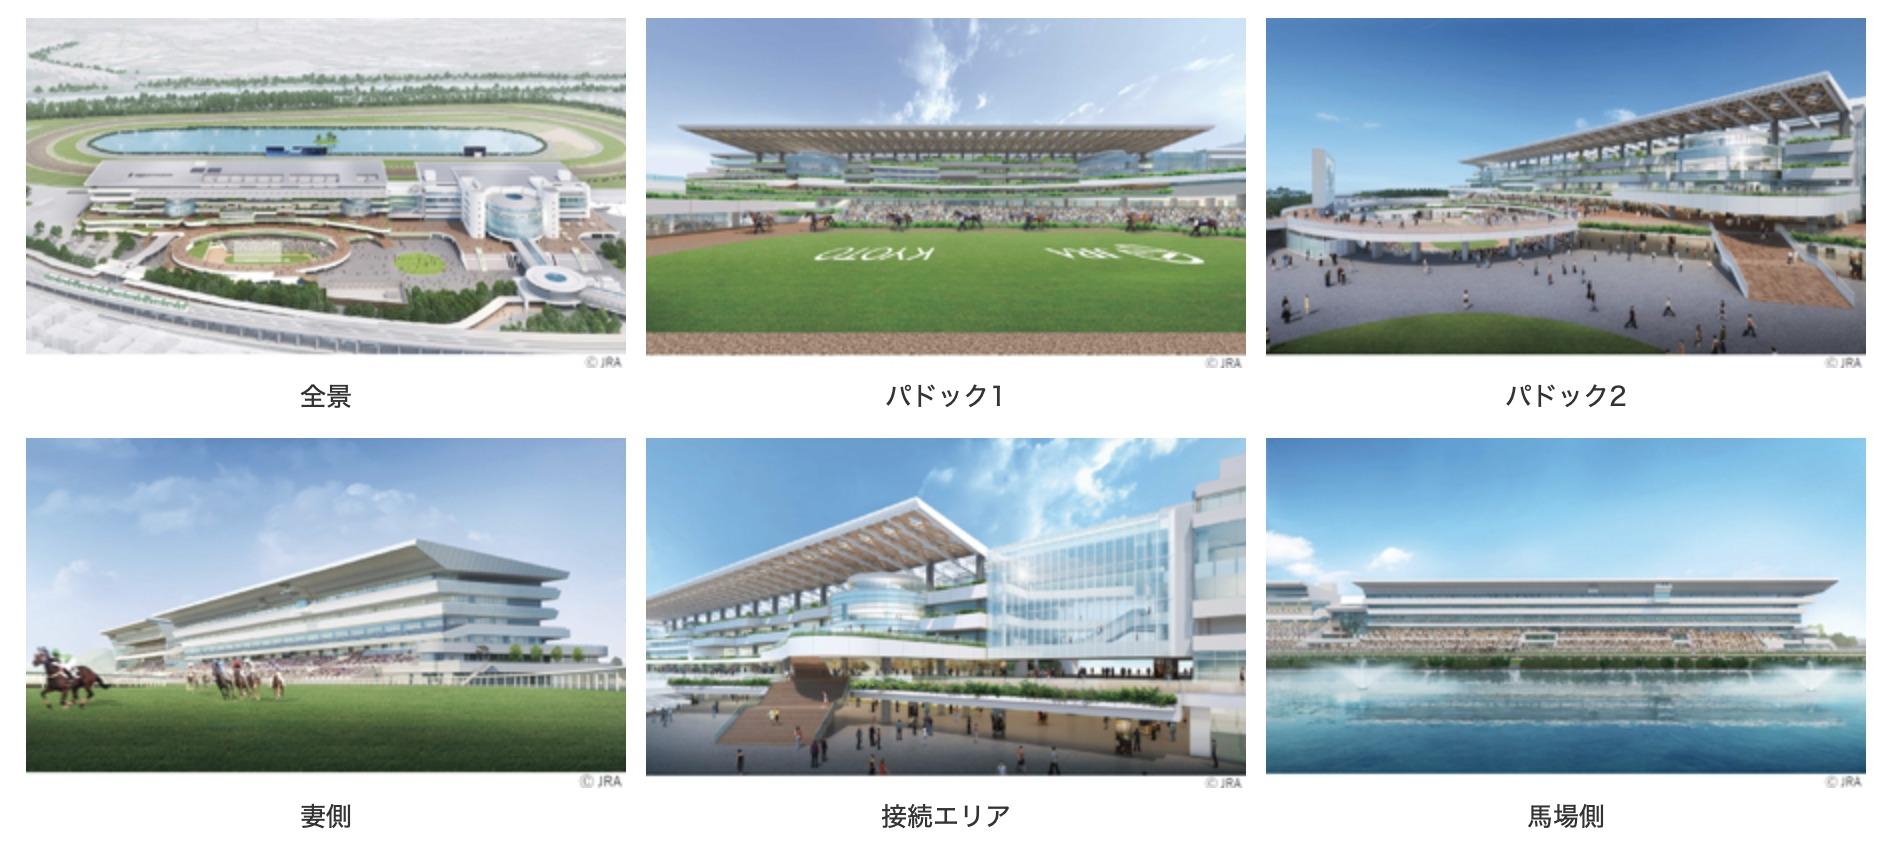 京都競馬場はいつから改修?改修日程(期間)と振替の影響について1